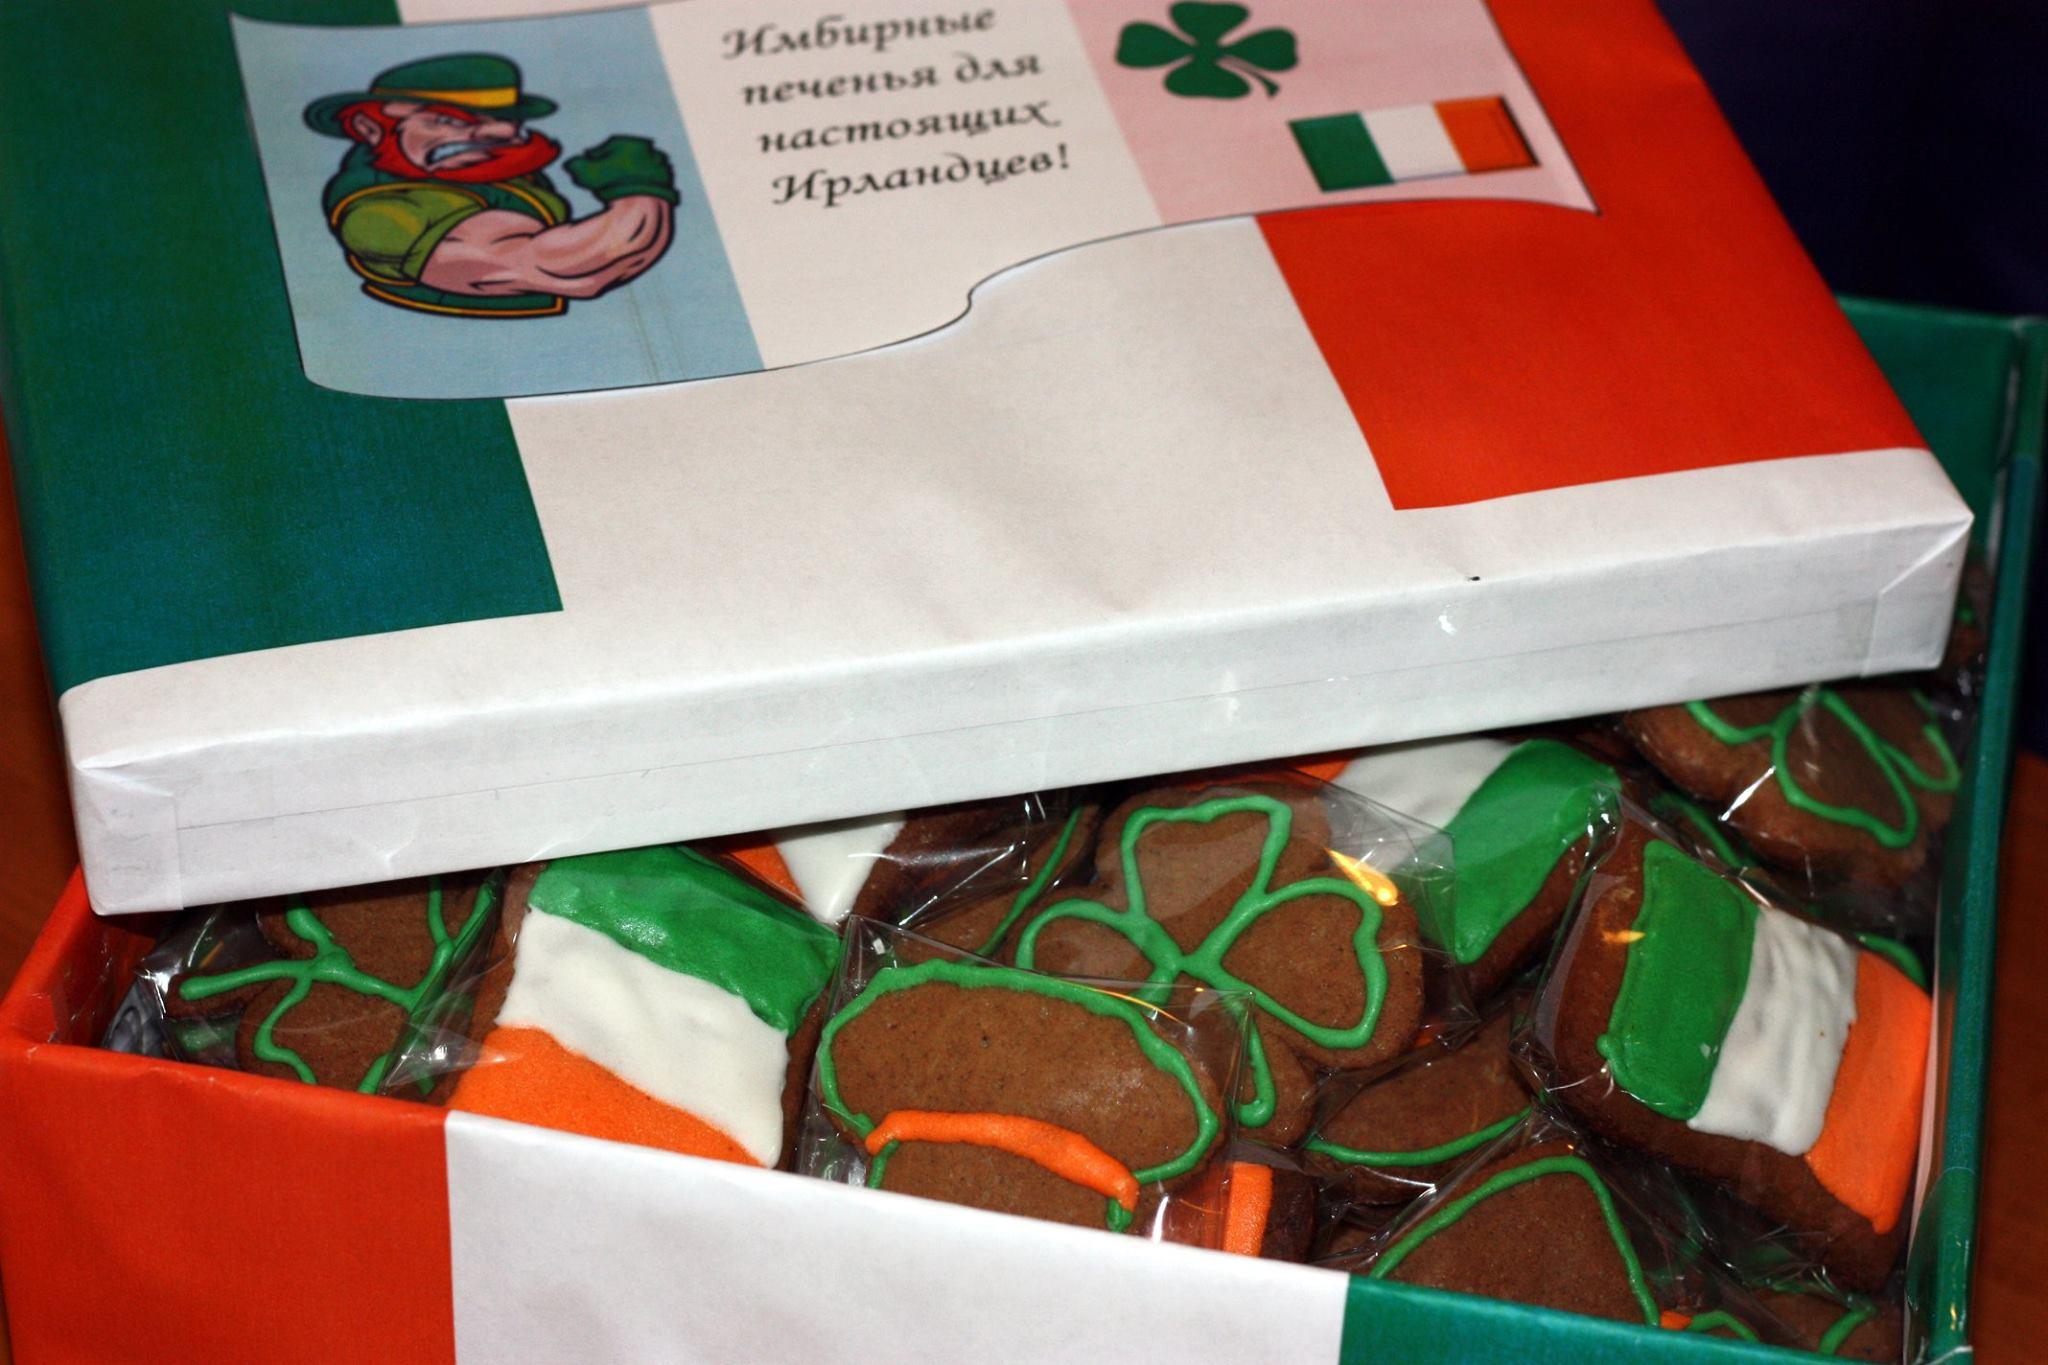 Ирландские печеньки, испеченные девушками Команды